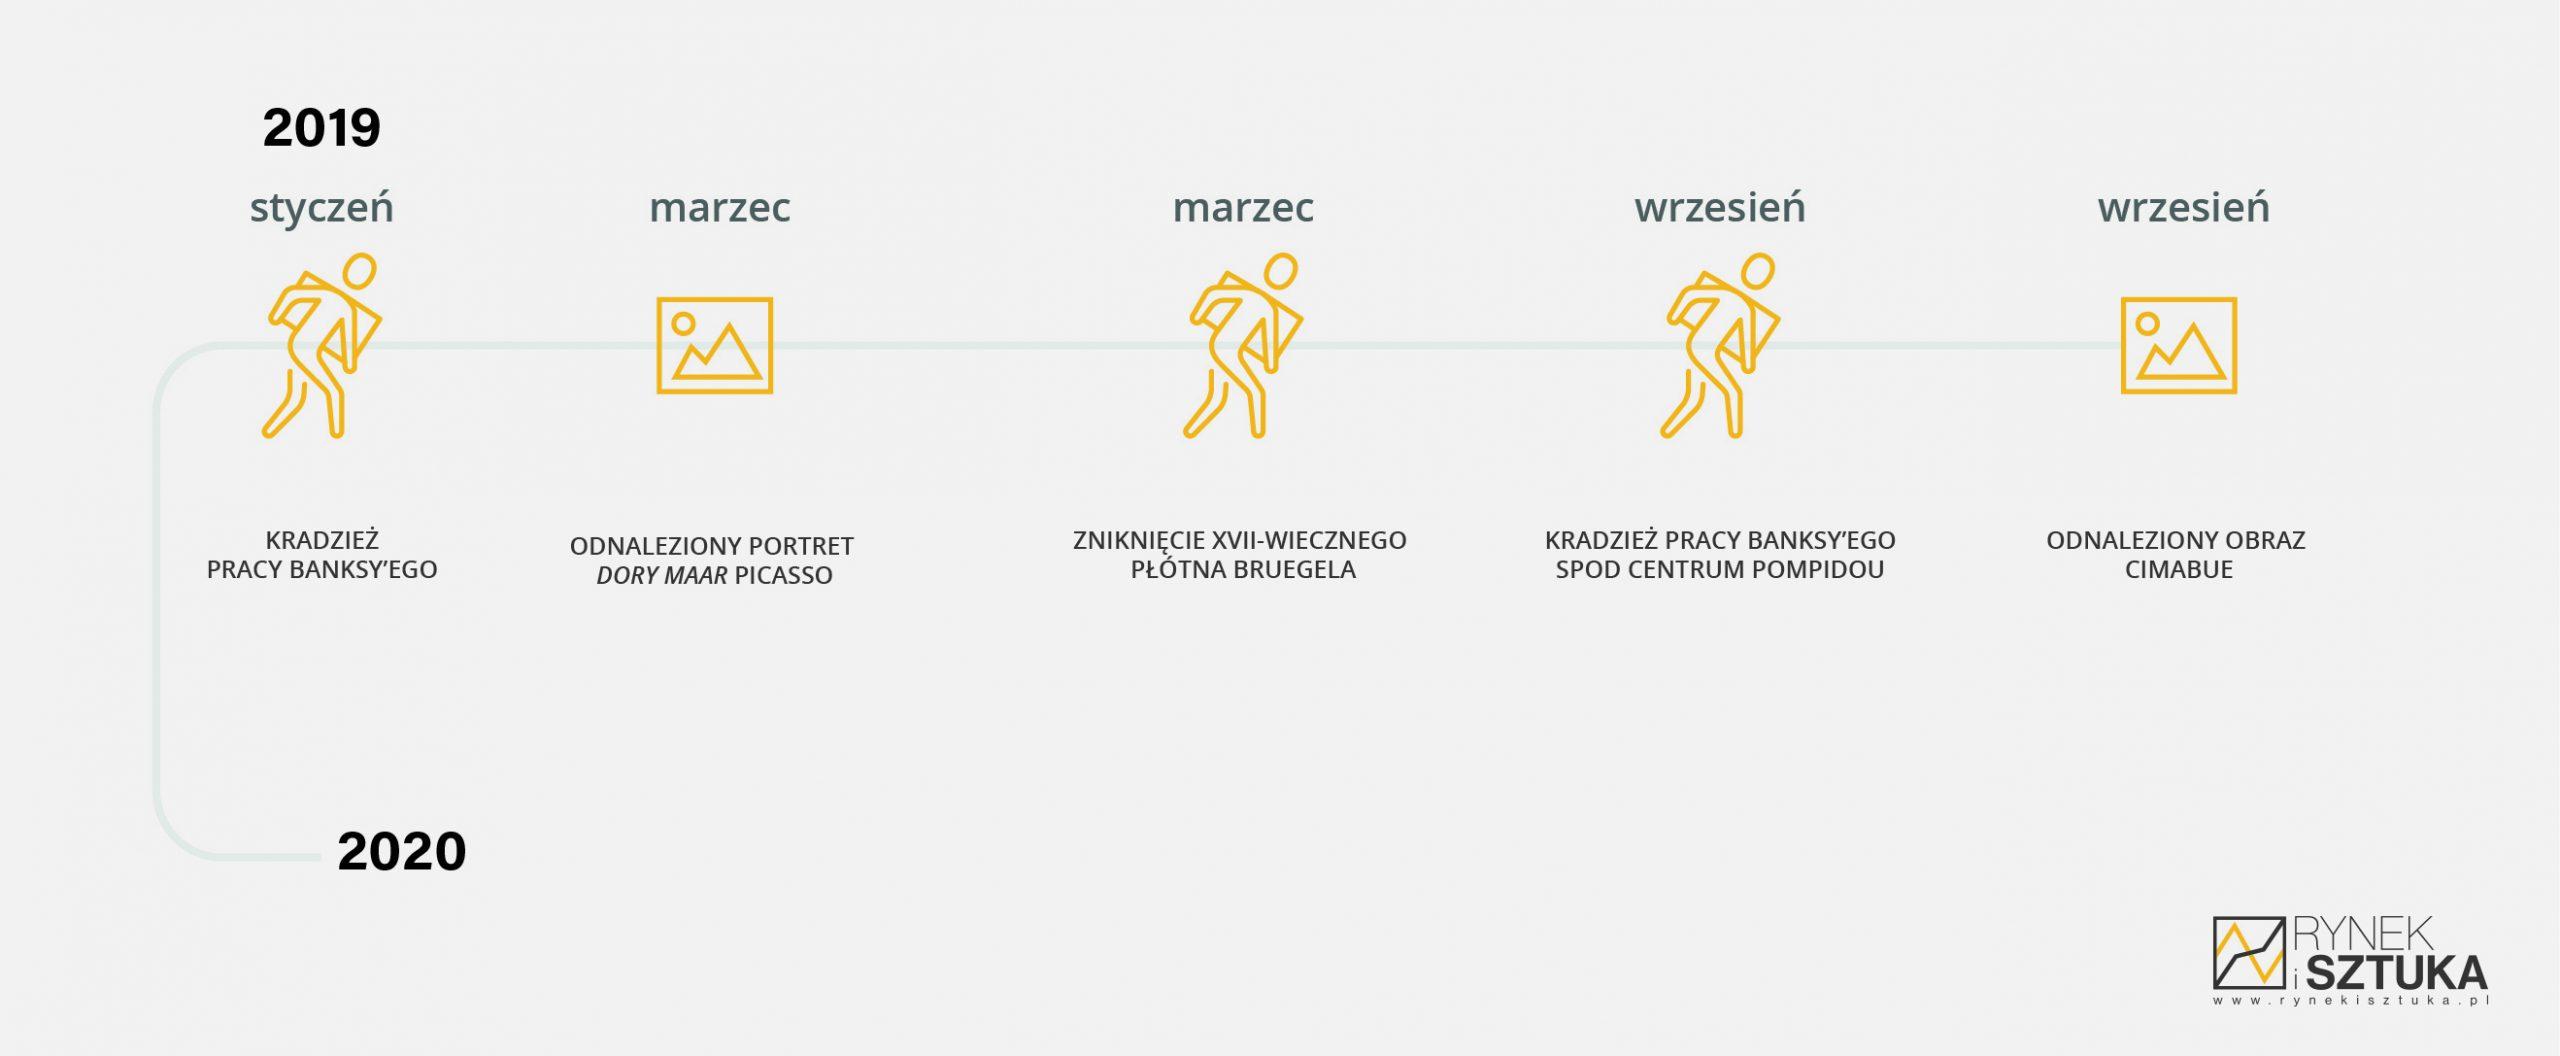 Infografika raport rynku sztuki 2019, skradzione i odnalezione